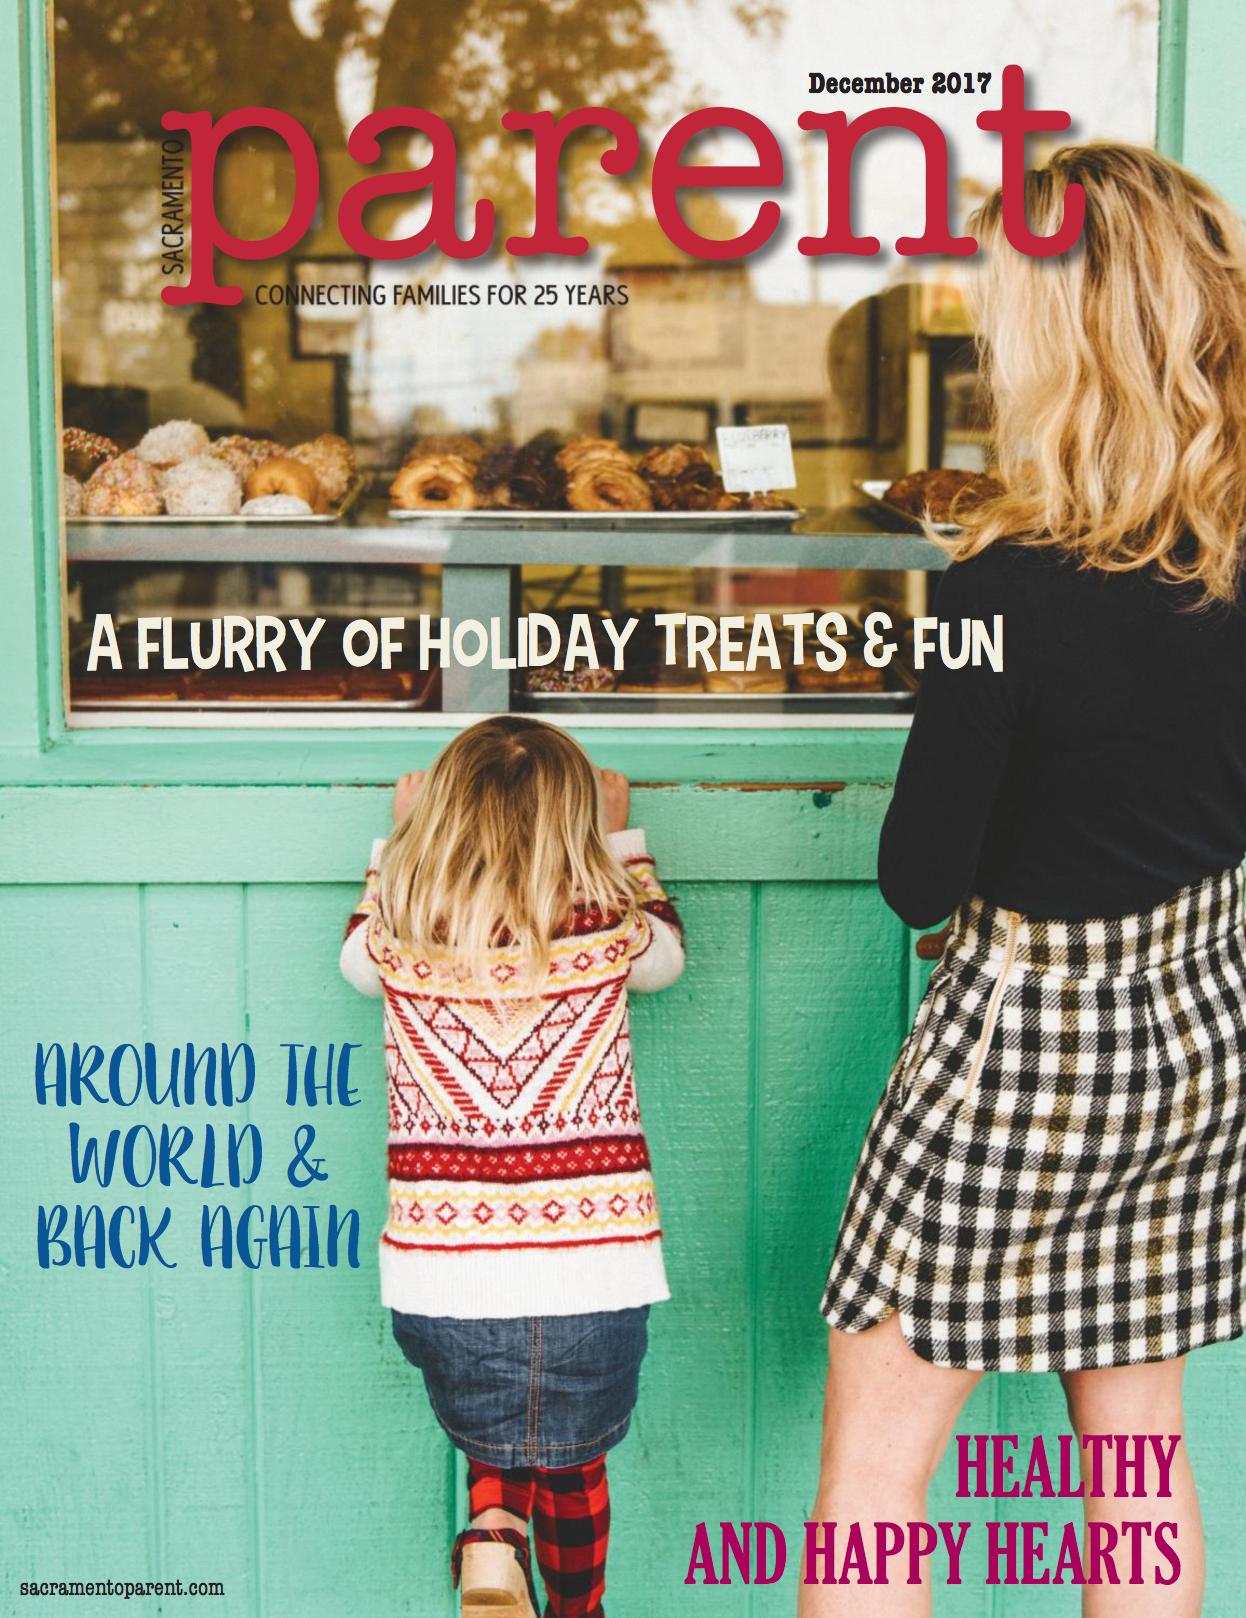 Sacramento Parent Cover - December 2017.png